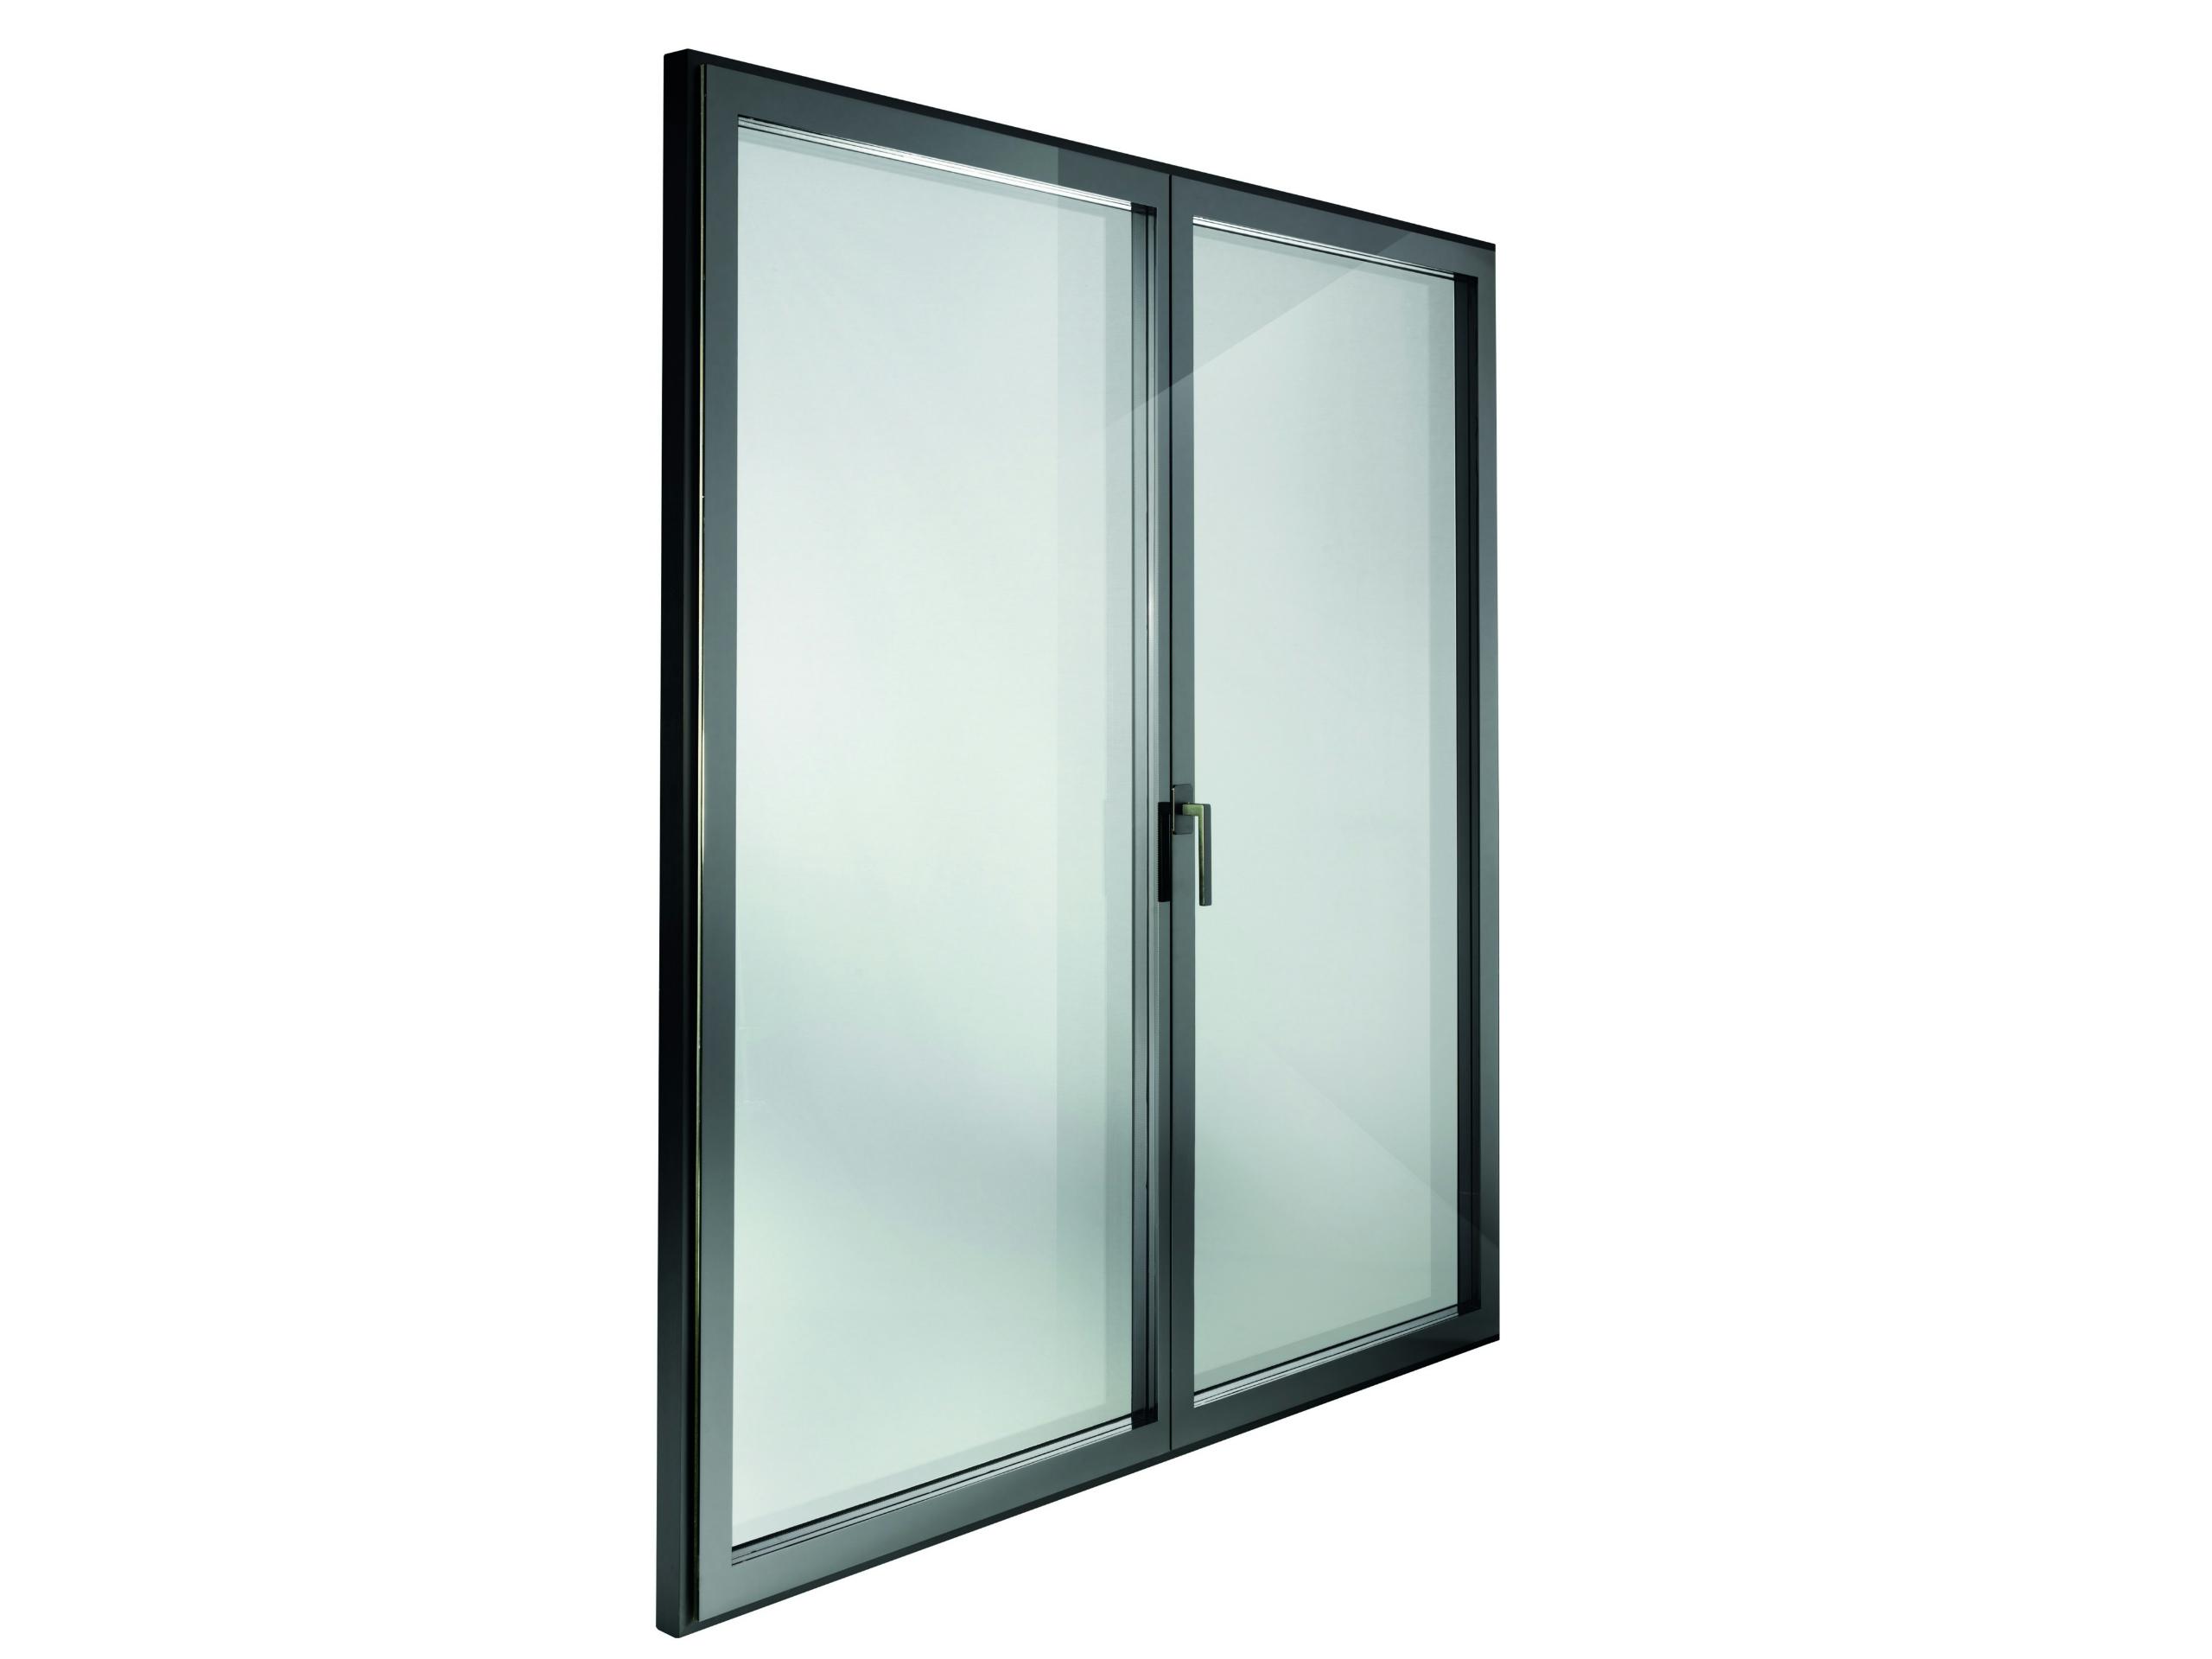 Miglior metodo di protezione delle finestre - Rivestire i davanzali delle finestre ...